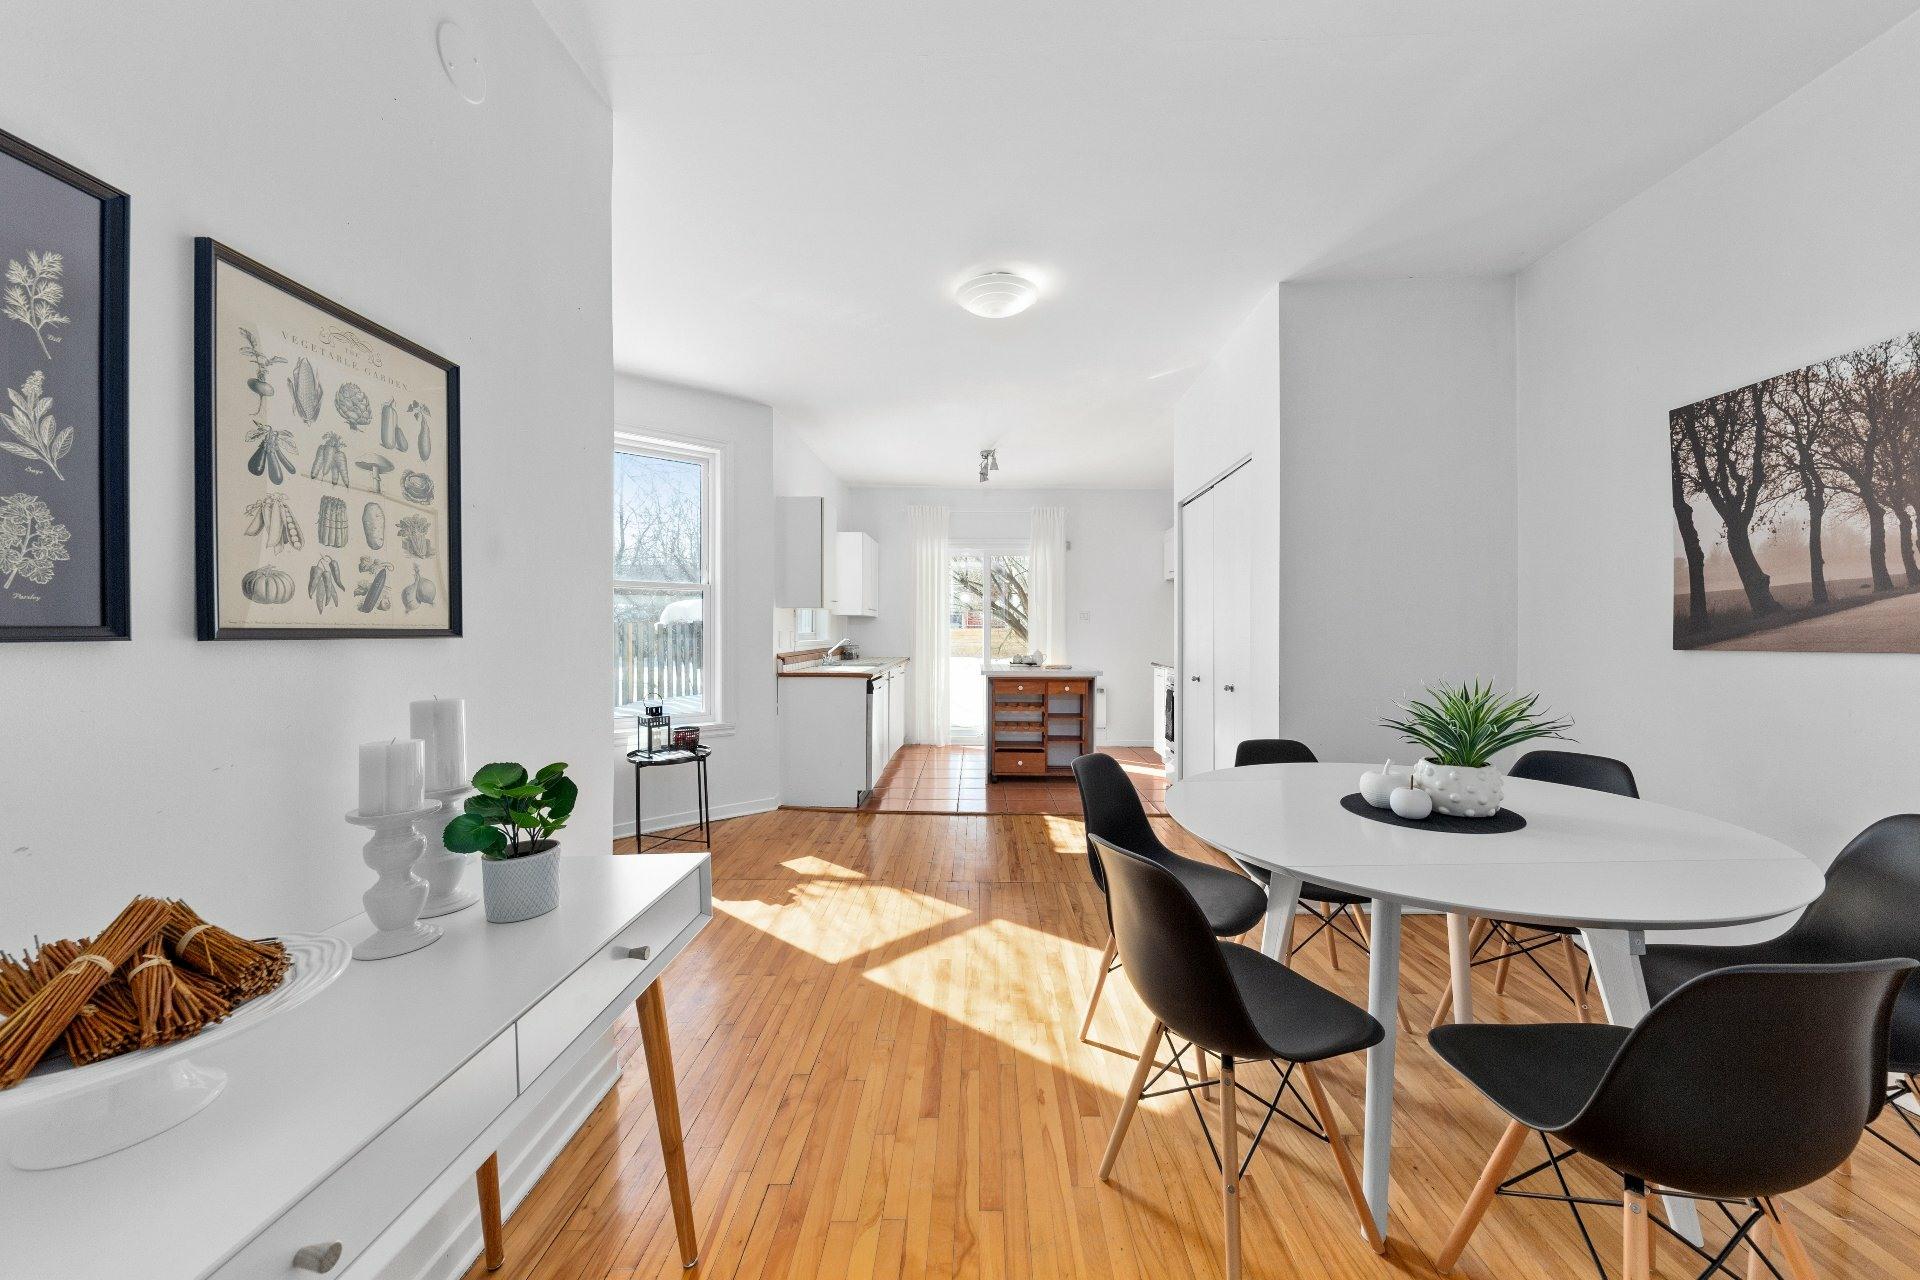 image 7 - Duplex For sale Le Plateau-Mont-Royal Montréal  - 5 rooms